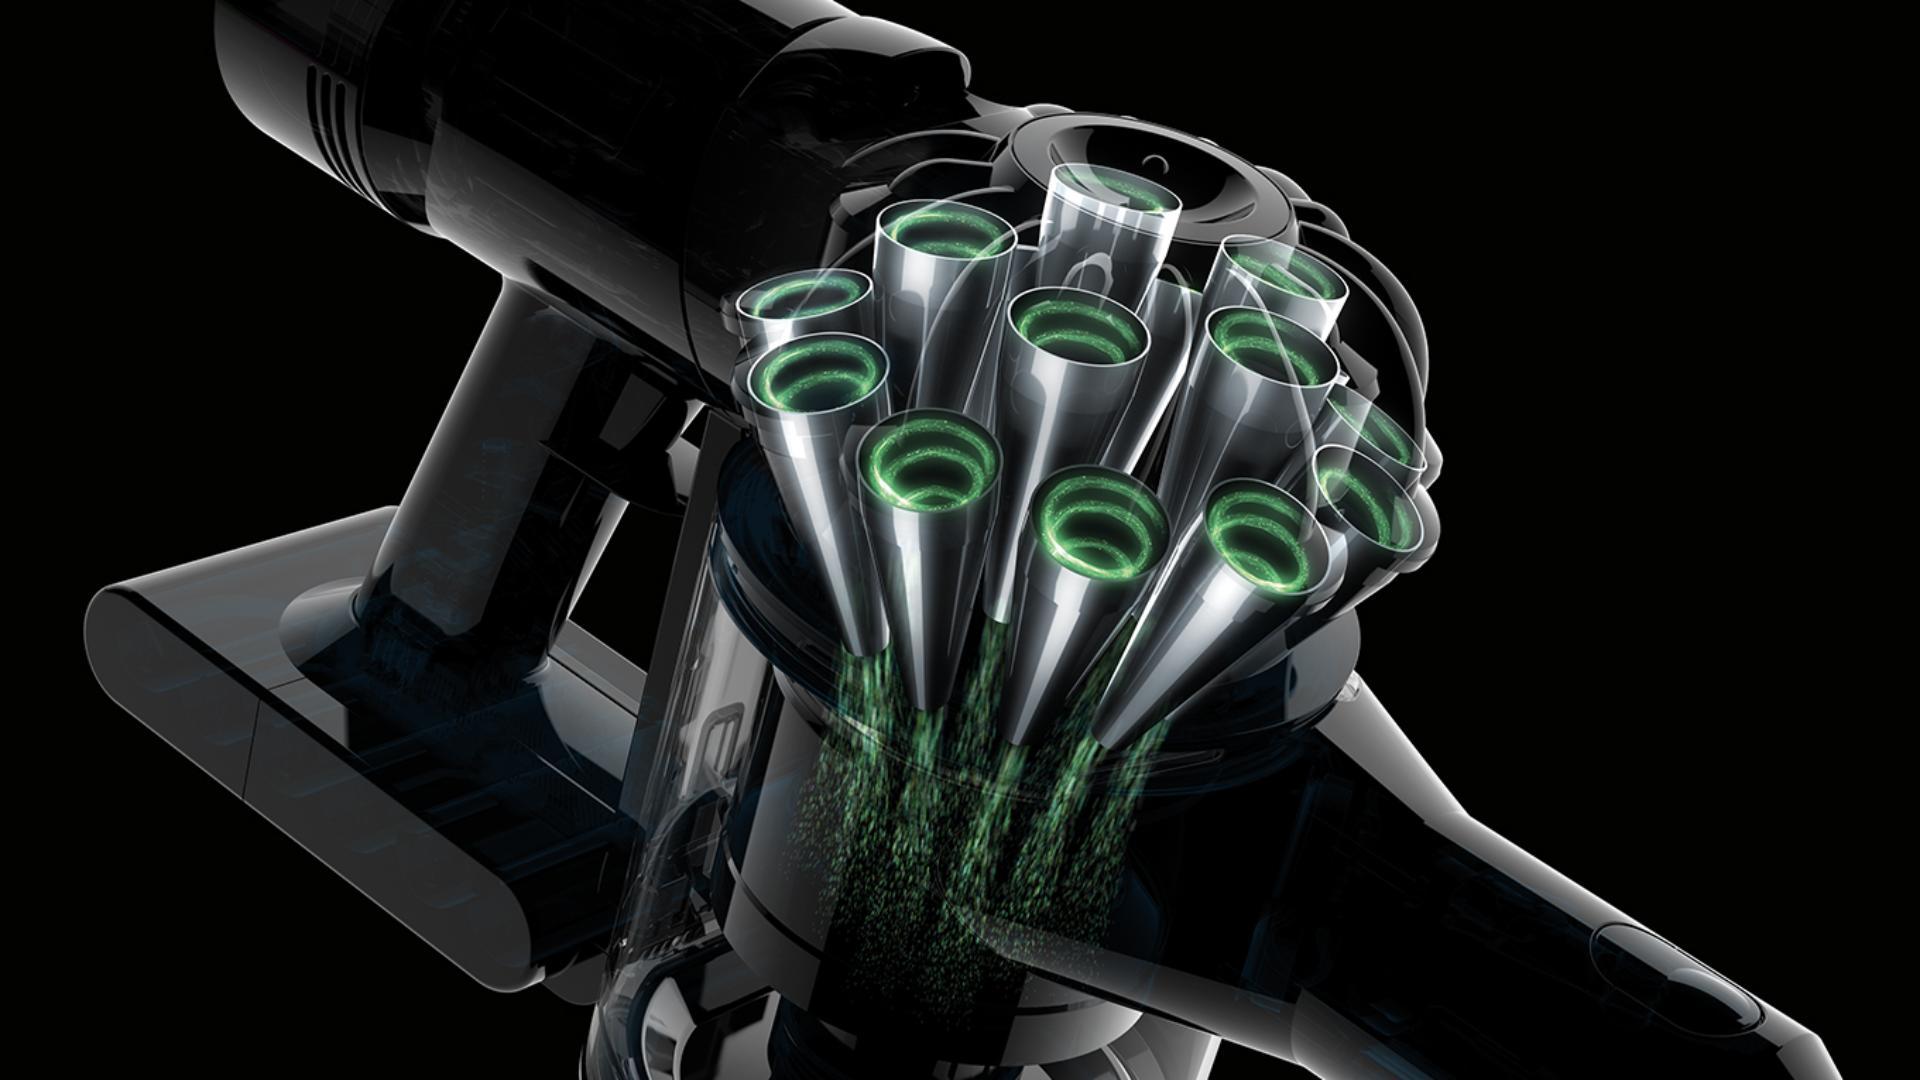 A Dyson V8 vezeték nélküli porszívó ciklonjainak szemléltetése